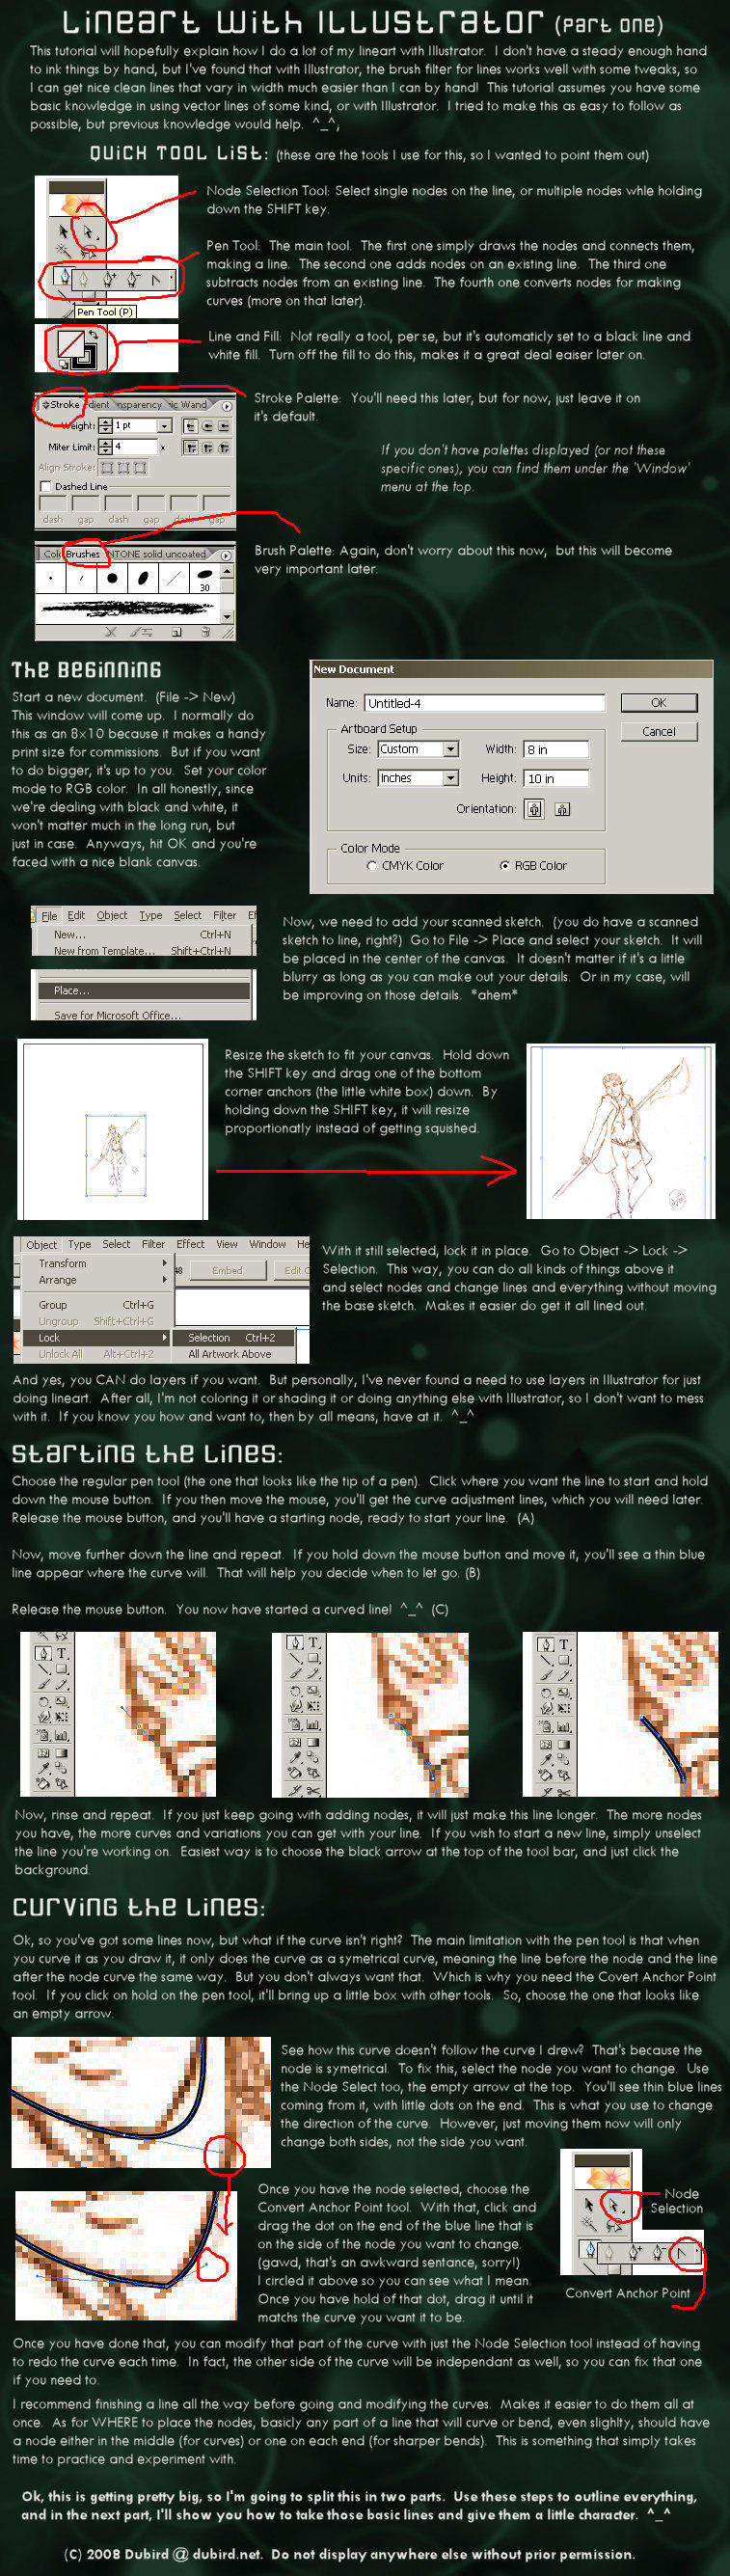 Illustrator Lineart Tut PT1 by dubird